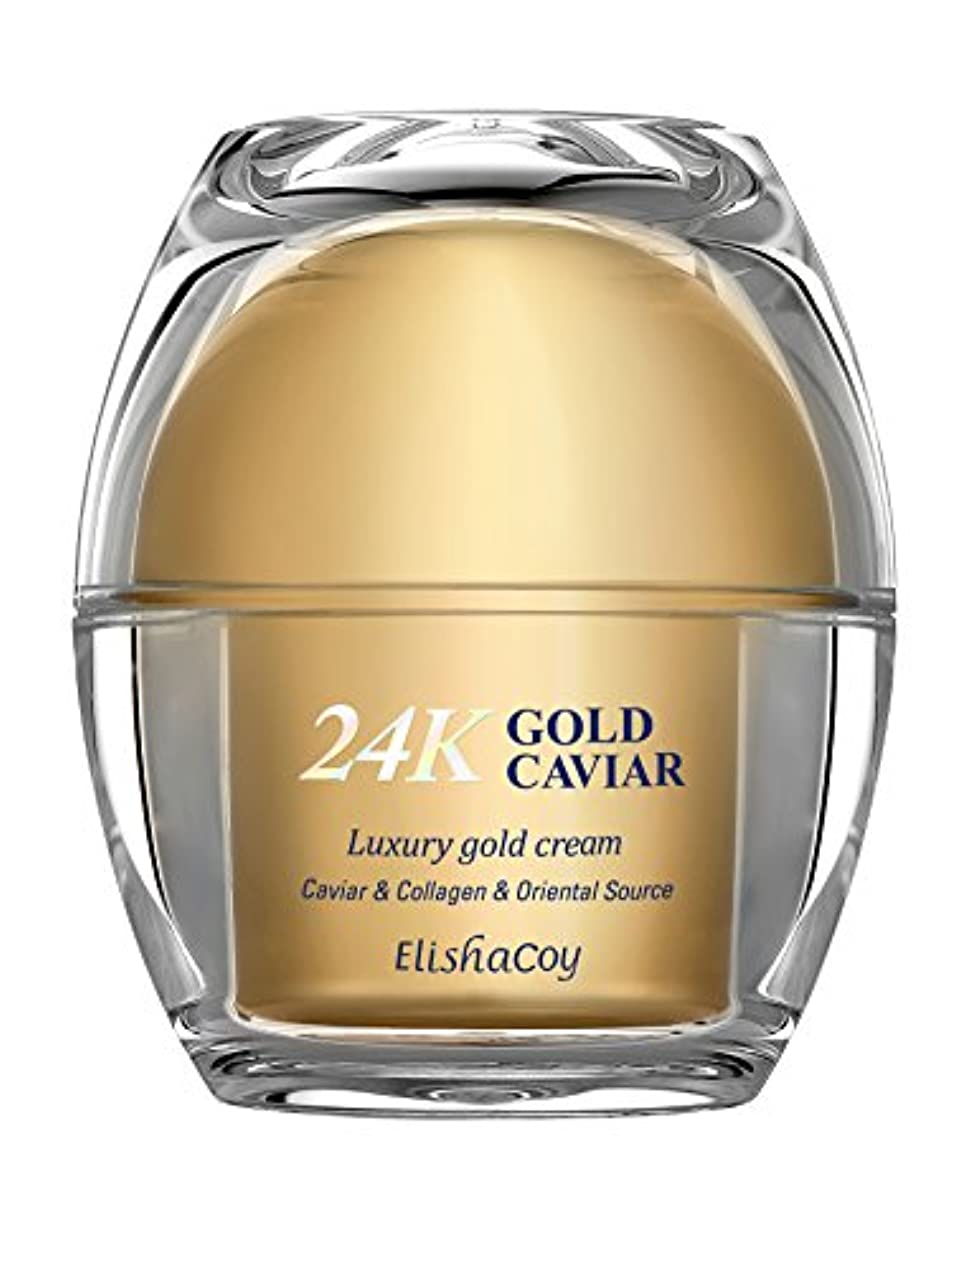 かすれた招待より良い保湿クリーム エリシャコイ24Kゴールドキャビアクリーム50g